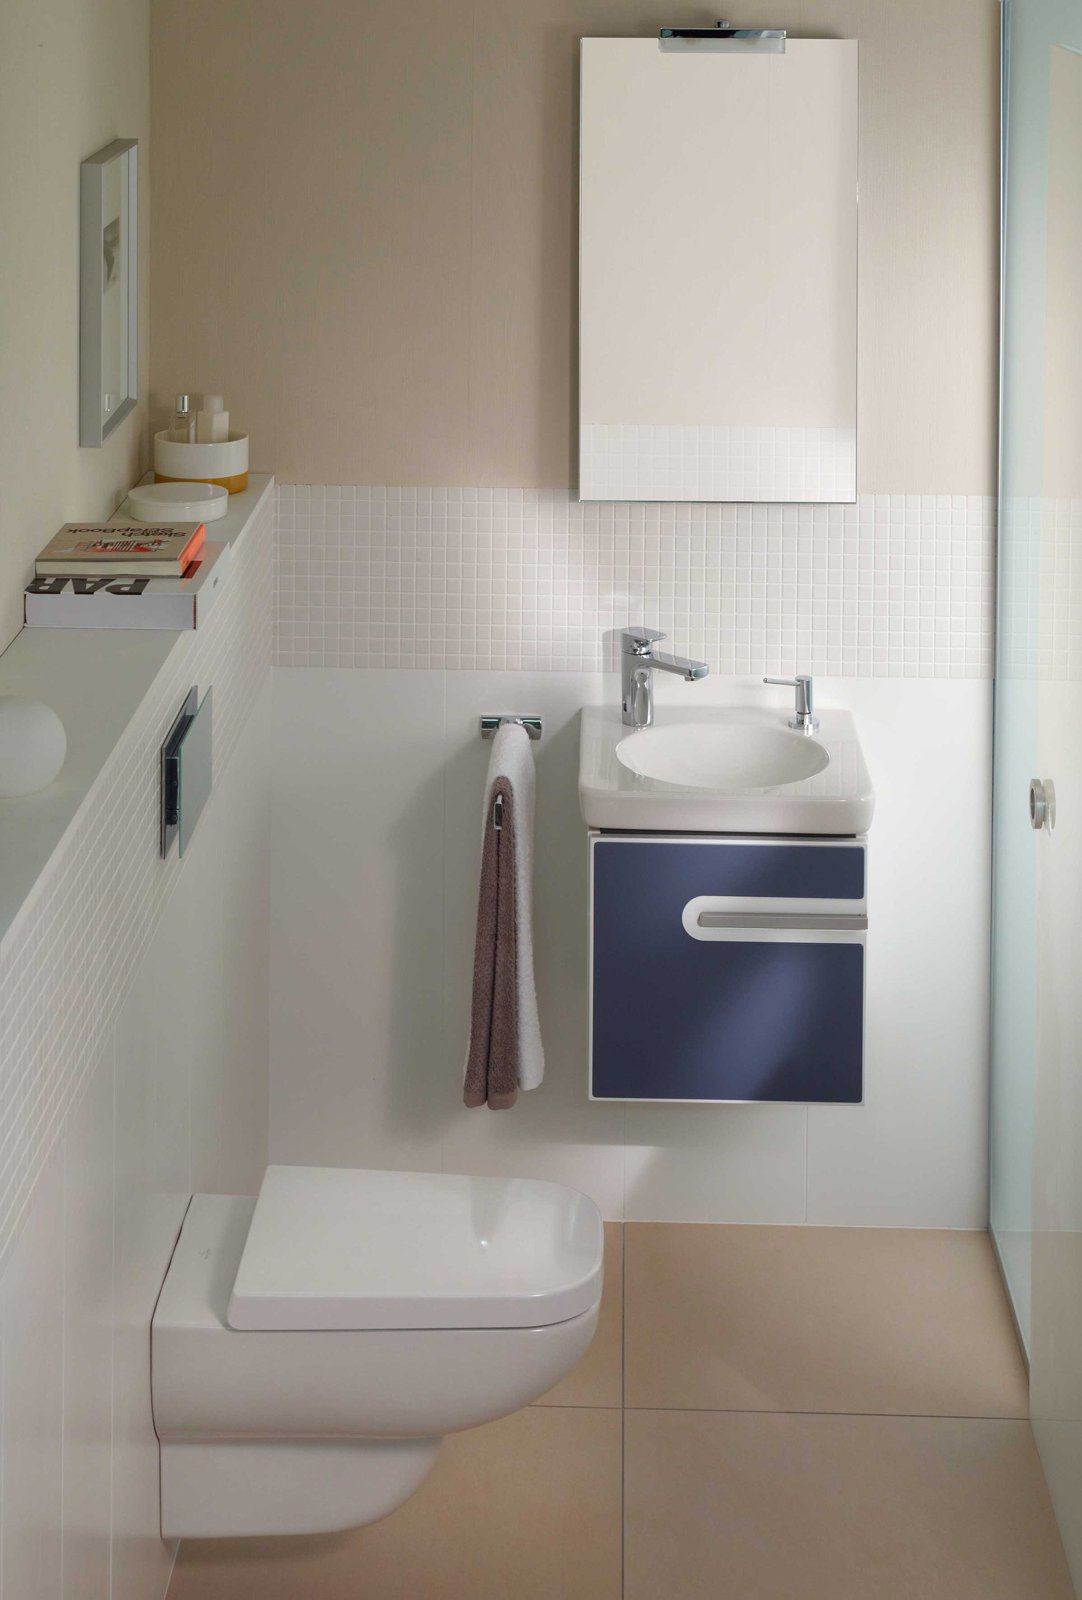 Casabook immobiliare bagno piccolo arredo componibile e for Piccoli spazi